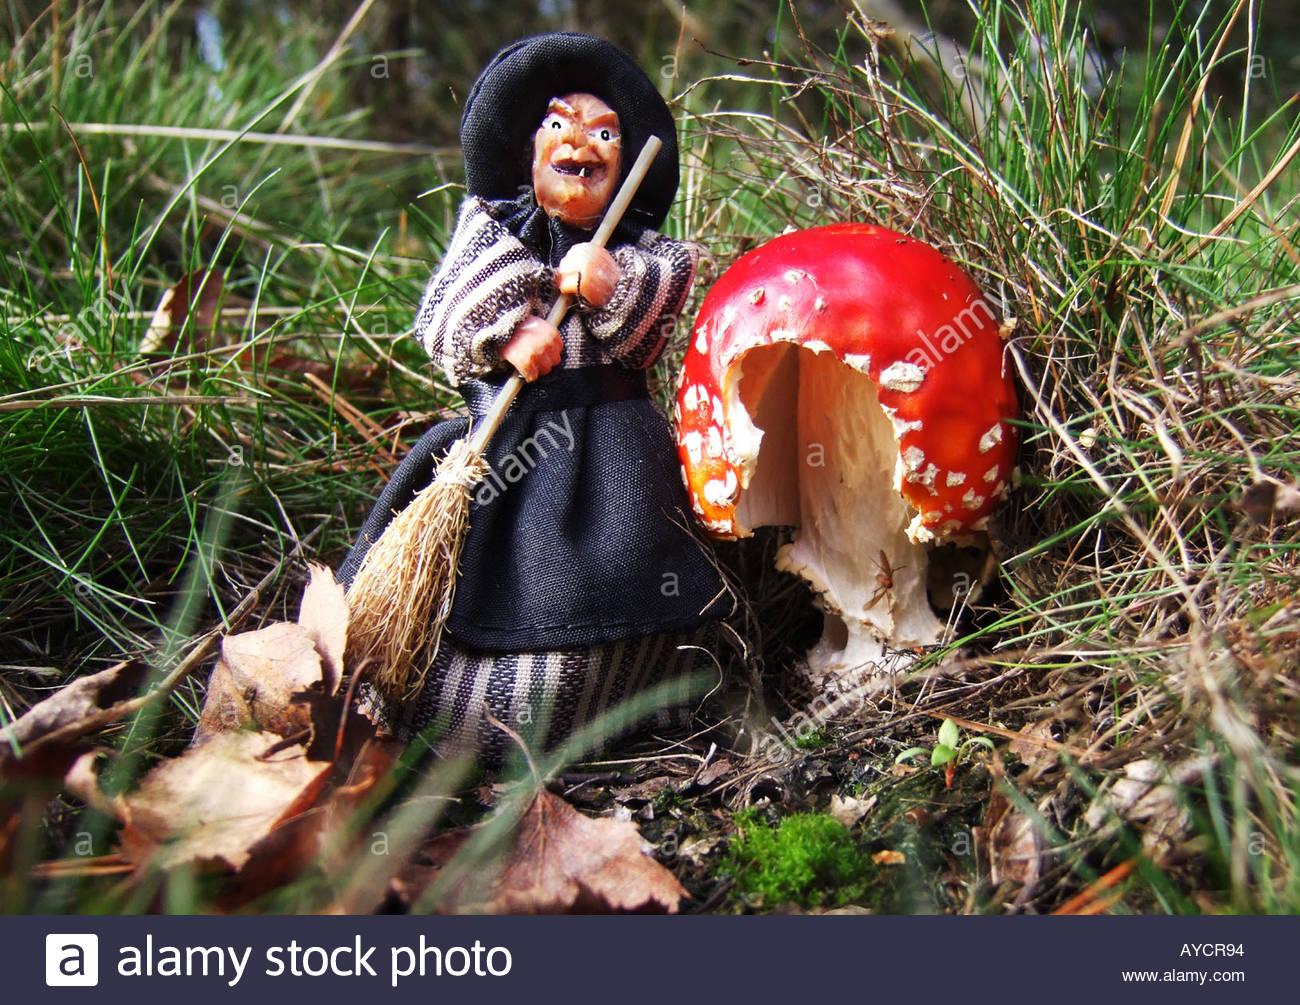 Una strega vestita di nero sorge accanto a un fly agaric toadstool in una giornata autunnale nella Foresta di Sherwood, Inghilterra Immagini Stock